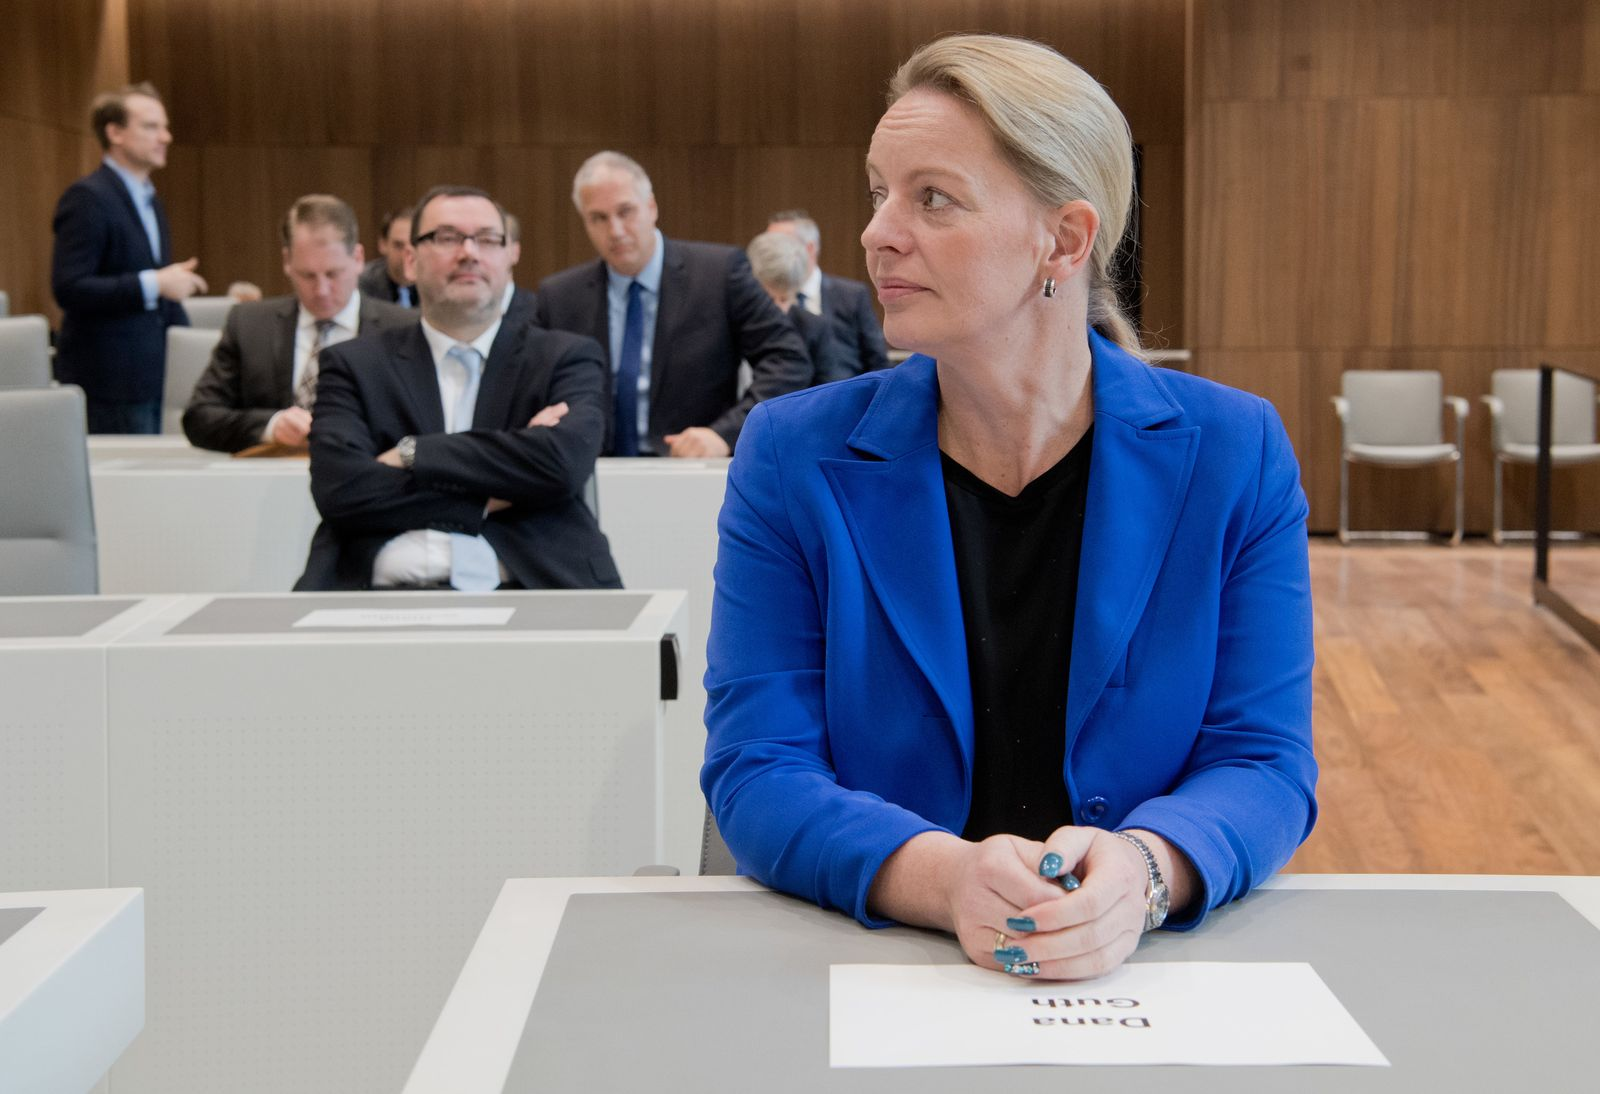 AfD-Fraktion im niedersächsischen Landtag zerbrochen